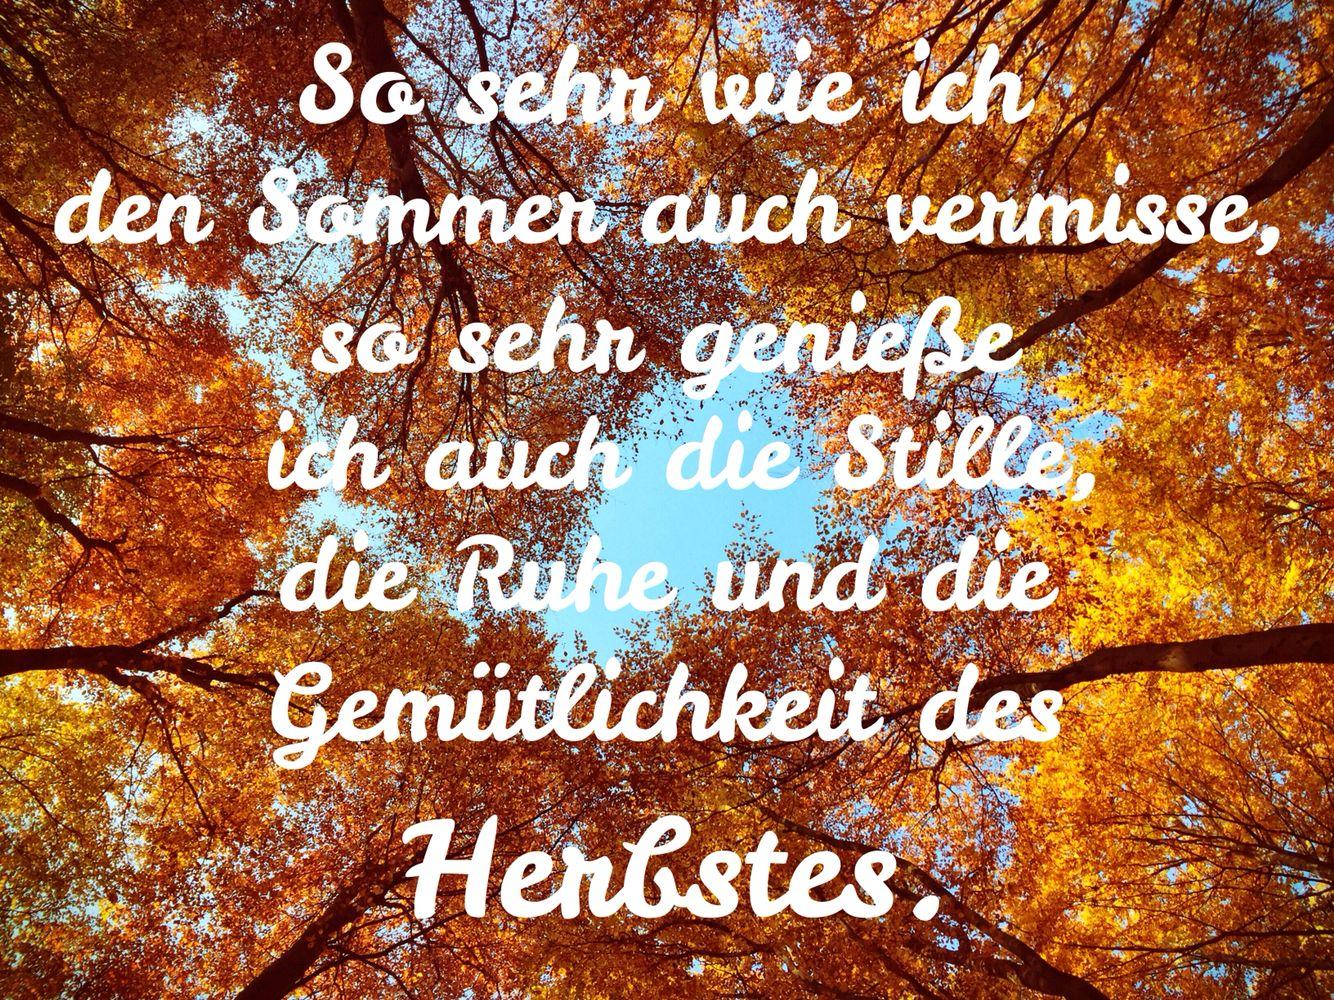 Herbst gem tlichkeit stille herbst pinterest for Zitate herbst